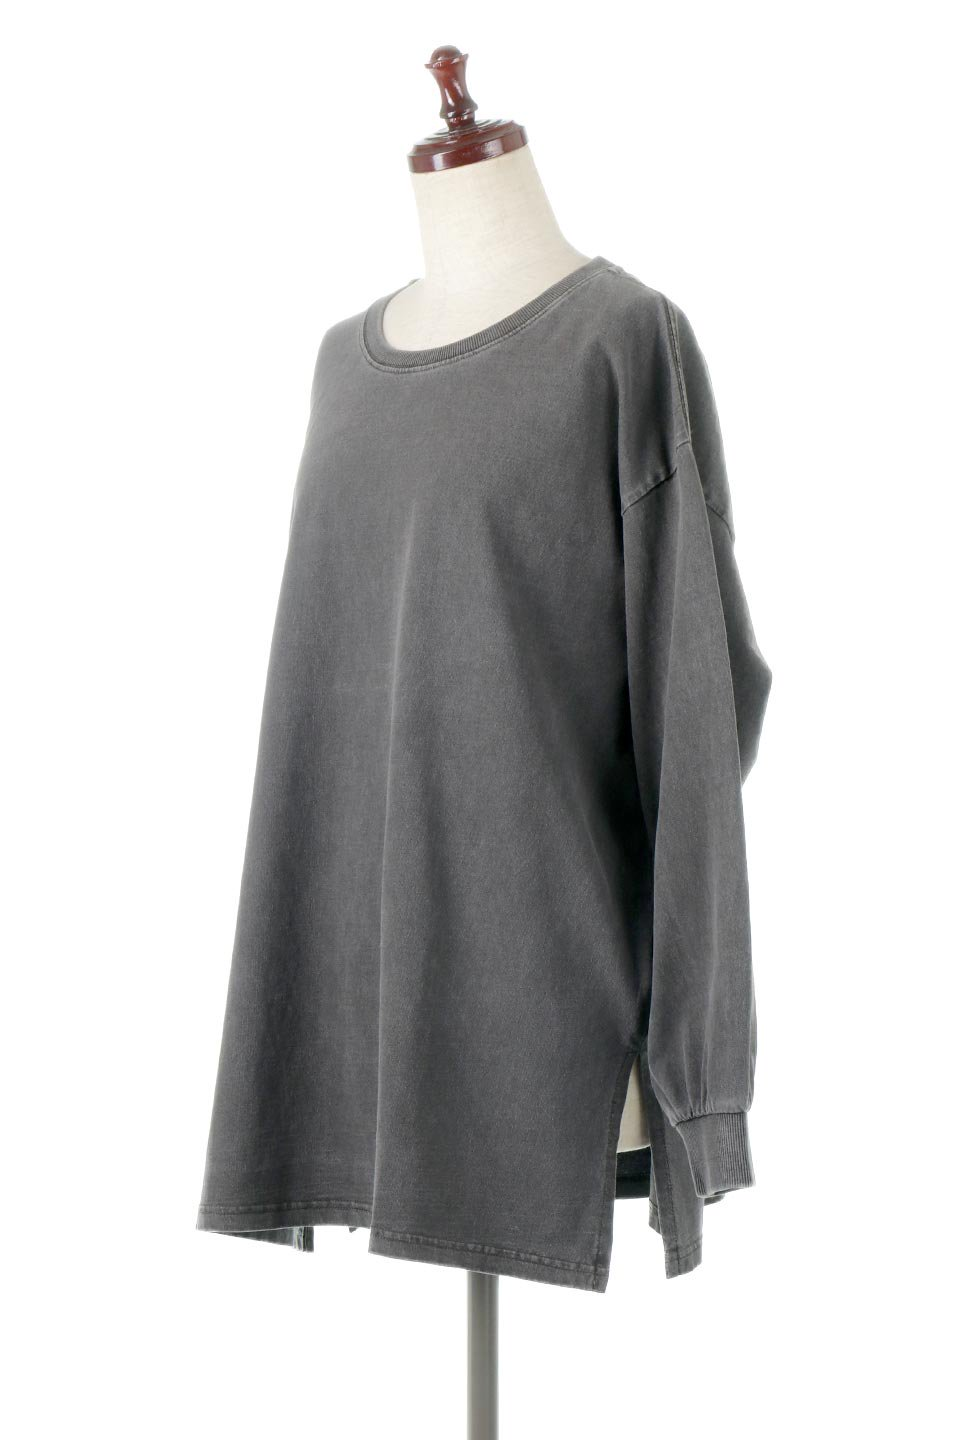 SideSlitLongSleeveBigTeeサイドスリット・ビッグロンT大人カジュアルに最適な海外ファッションのothers(その他インポートアイテム)のトップスやカットソー。ヘビーウエイトでルーズ&ビッグなロンT。普通のTシャツよりも肉厚で、しっかりした素材を使用しています。/main-1